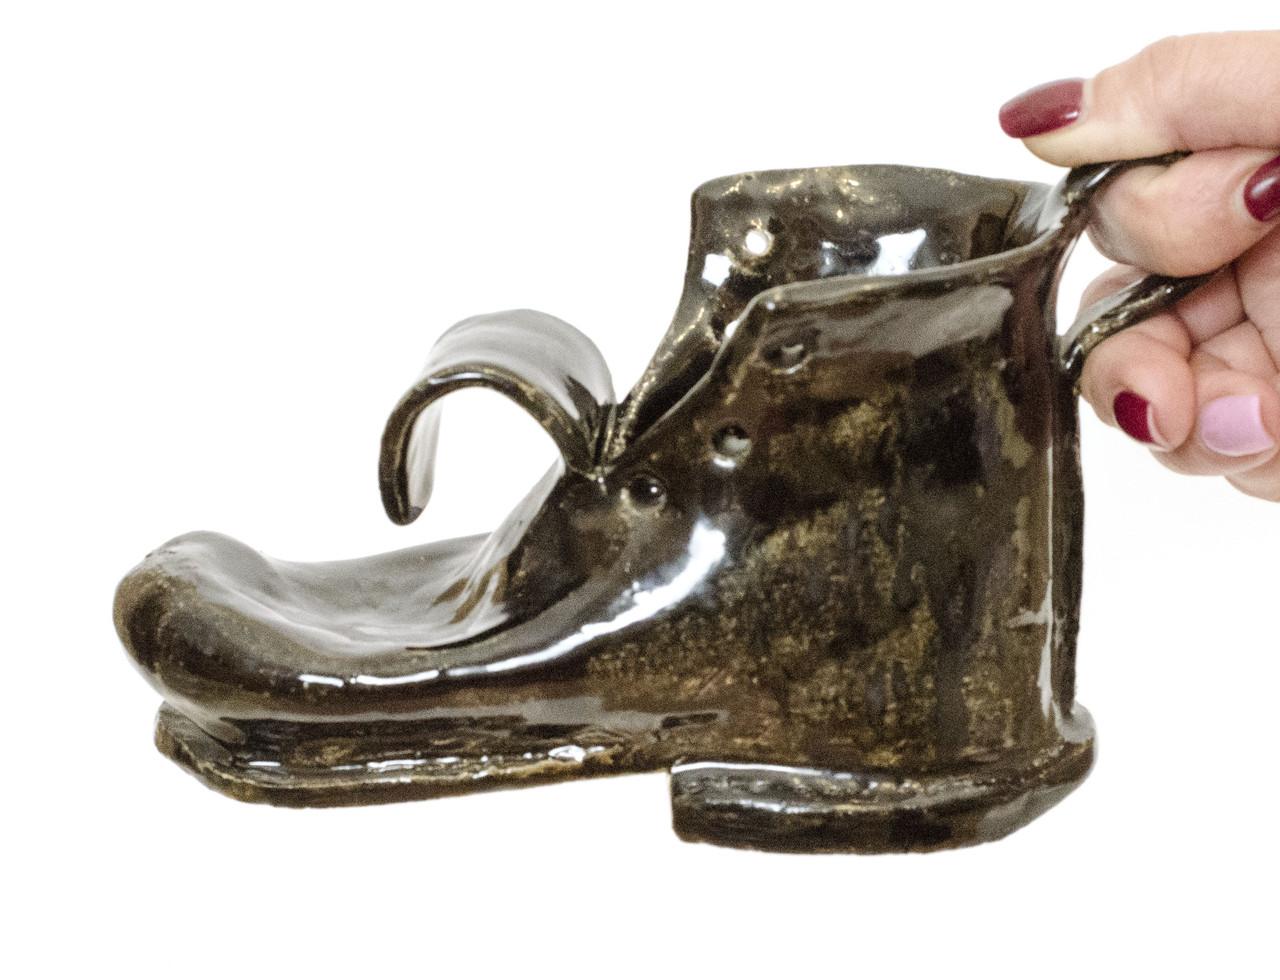 Оригинальная пепельница, шкатулка, предмет для интерьера, старый  Башмак, Германия, Керамика